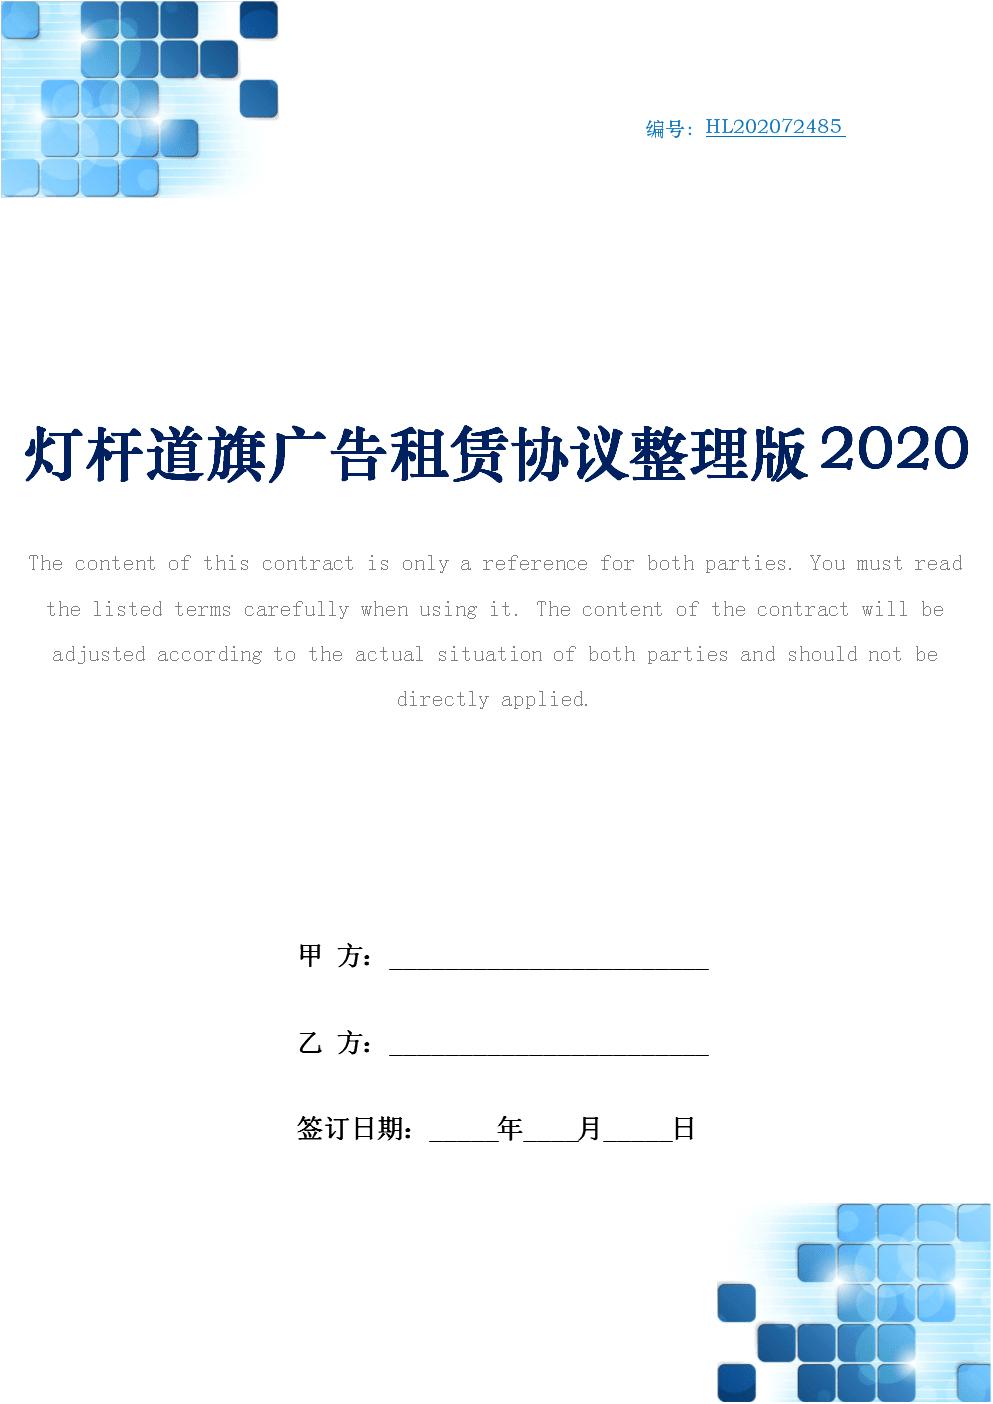 灯杆道旗广告租赁协议整理版2020.docx